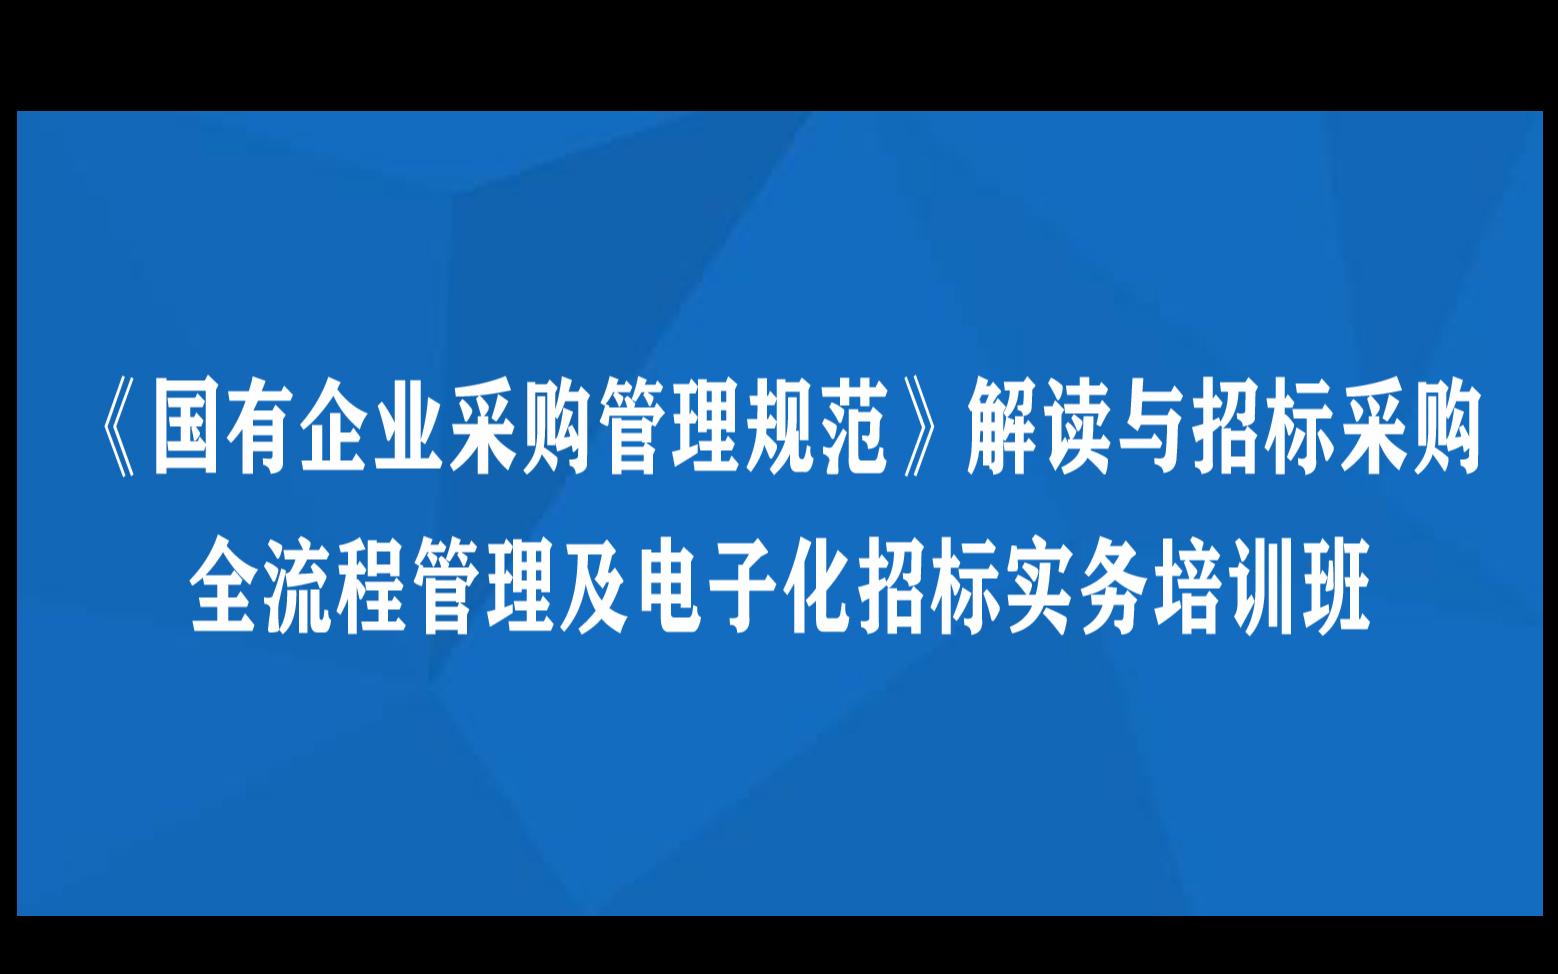 《国有企业采购管理规范》解读与招标采购全流程管理及电子化招标实务9月重庆培训班